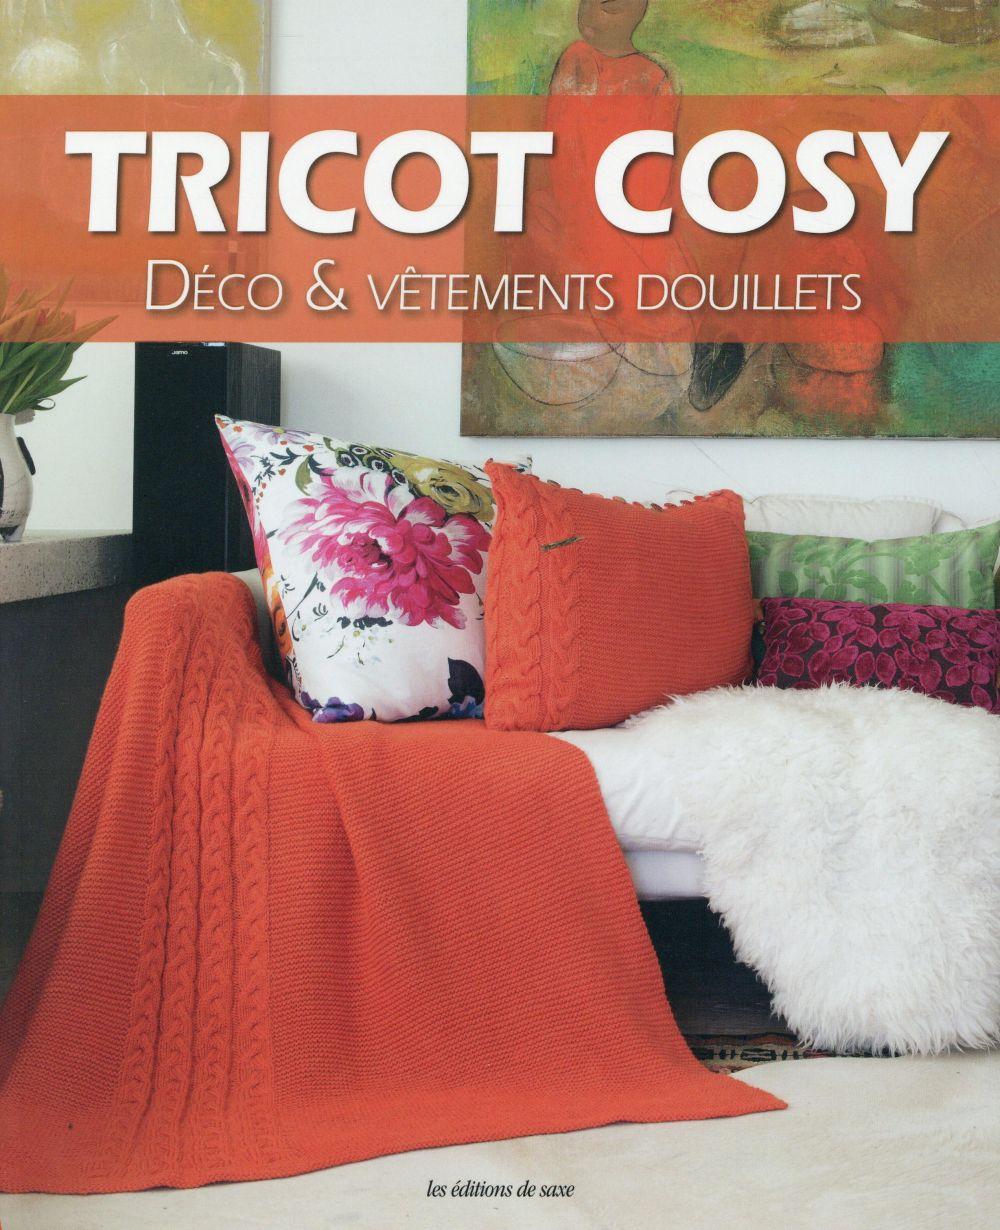 TRICO COSY